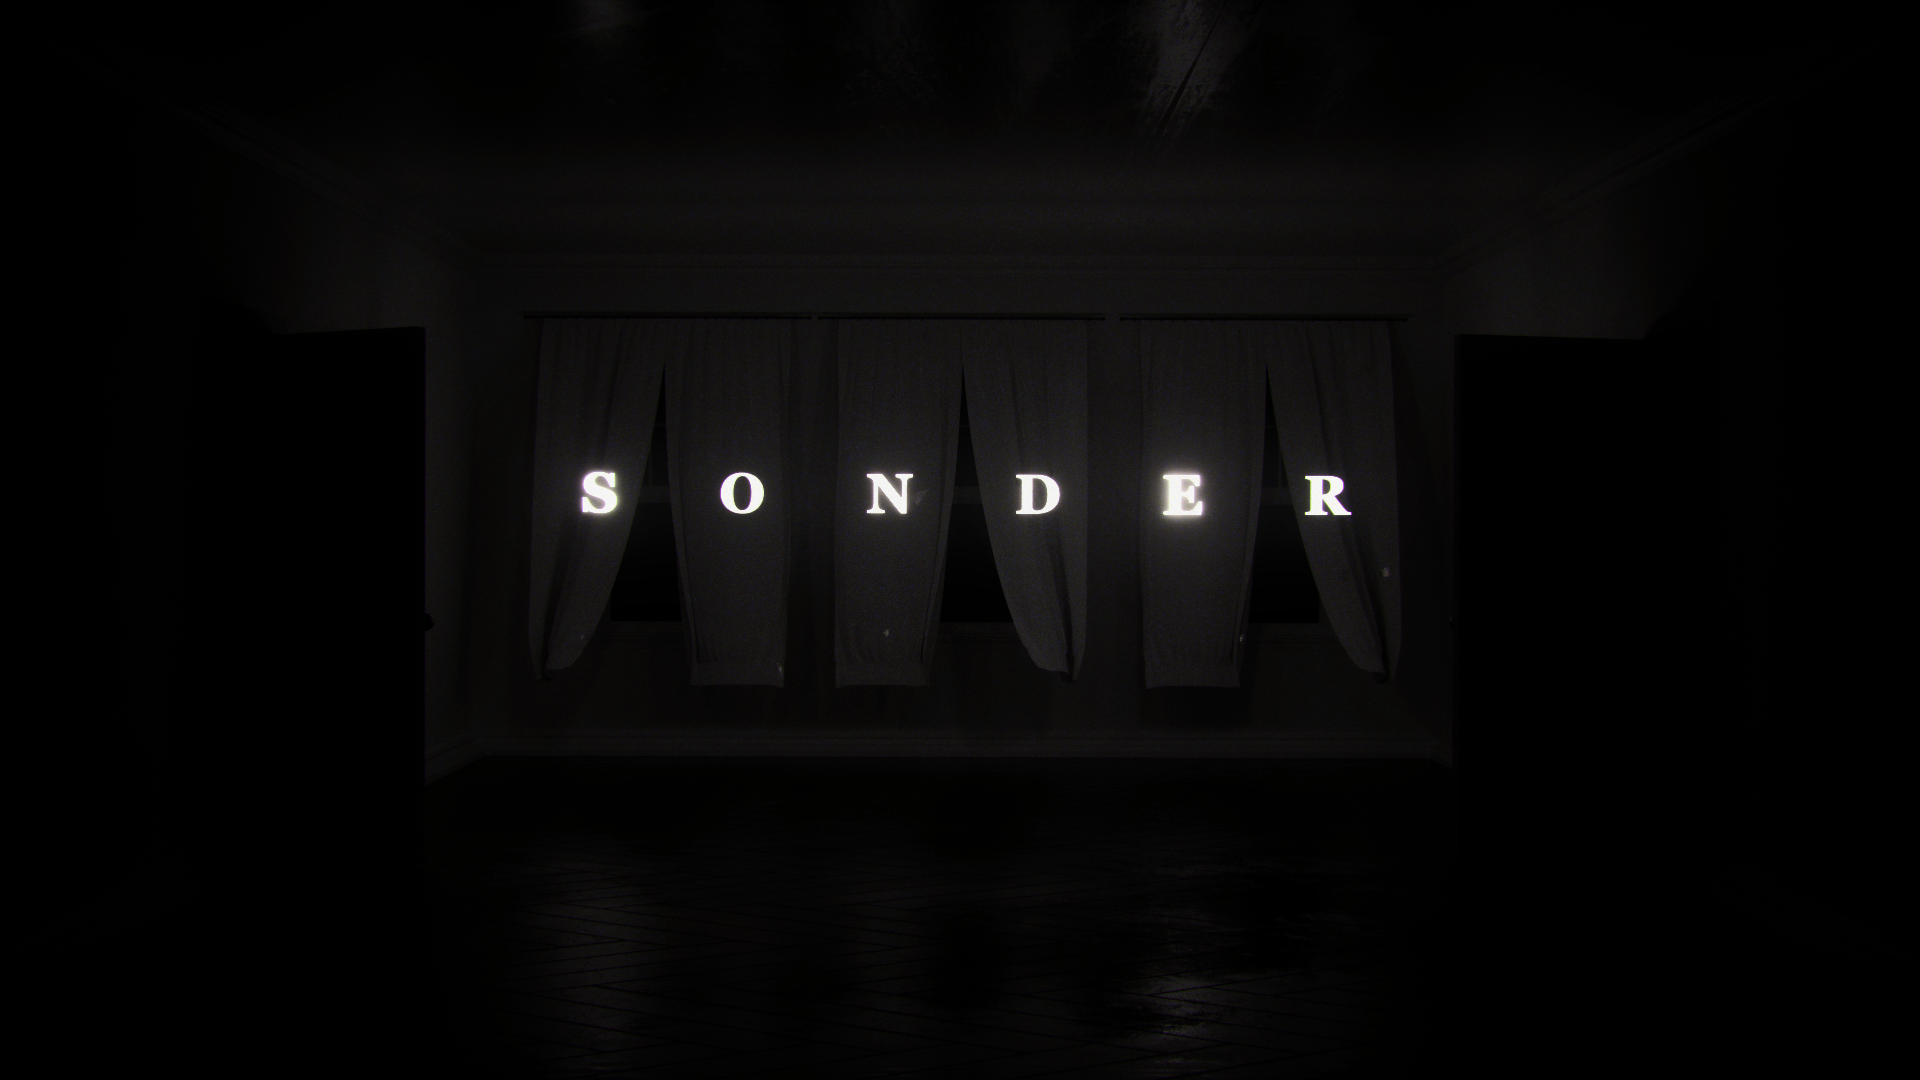 Sonder_FINAL_lossless_01138.png